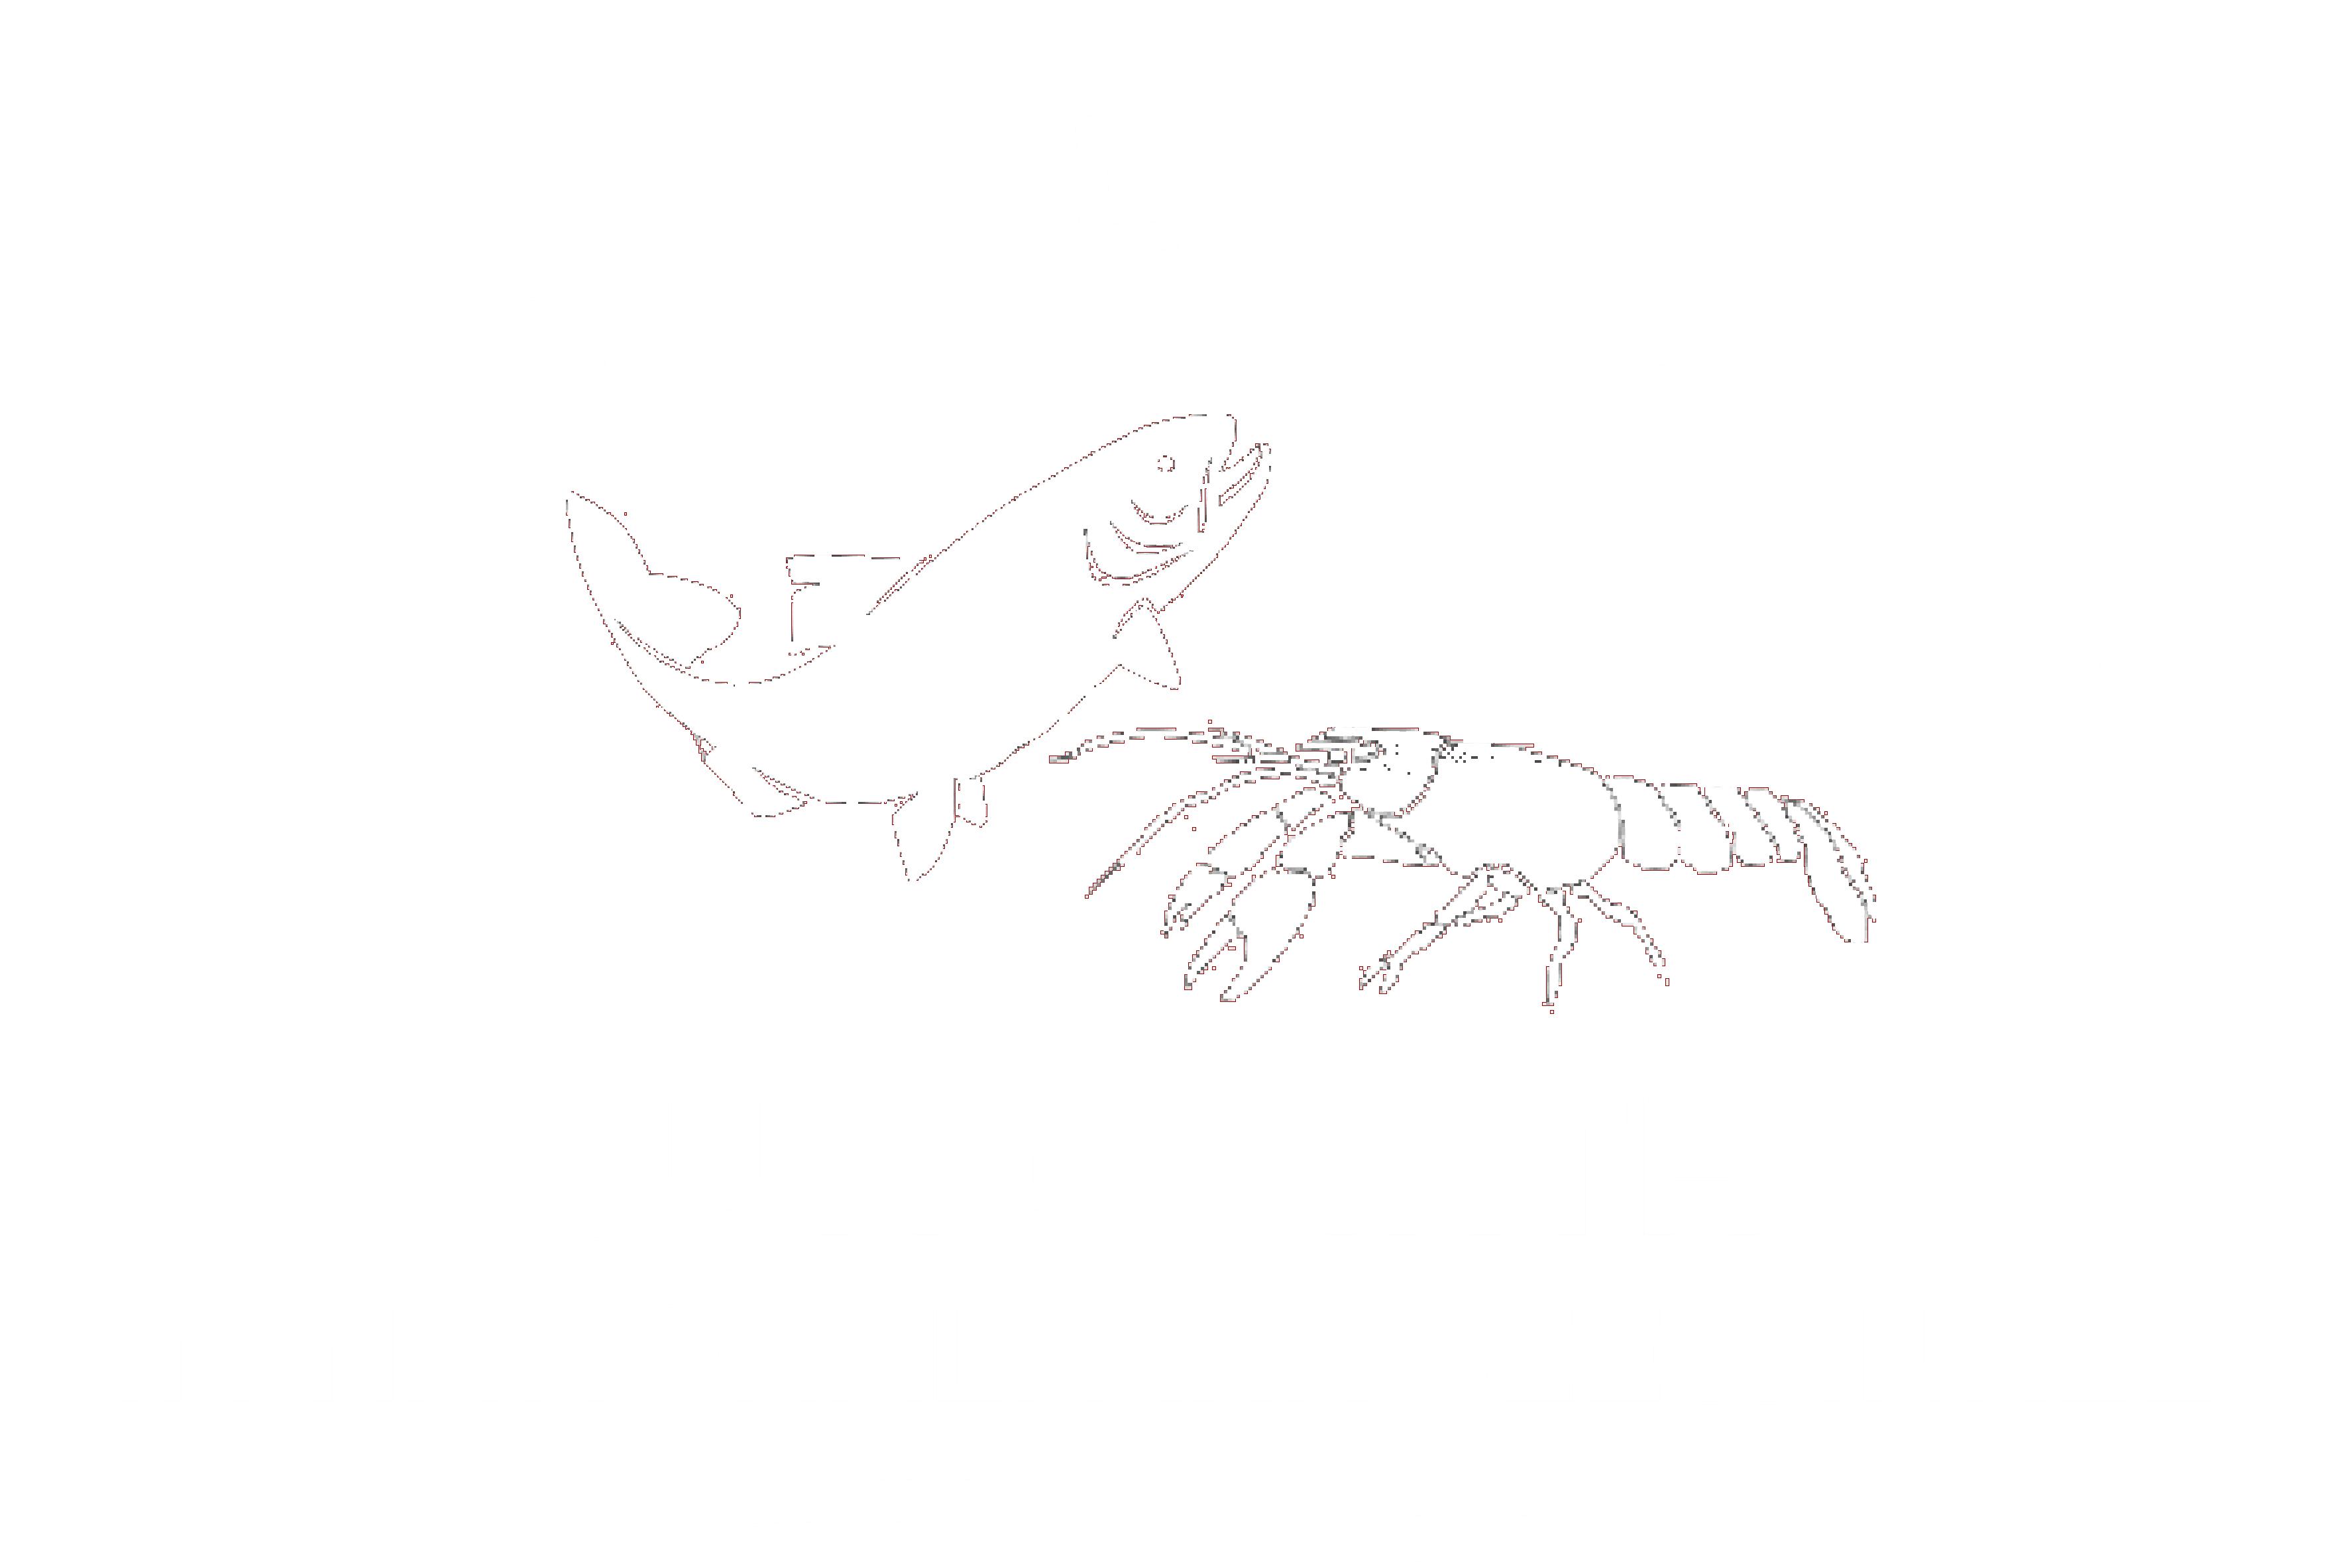 Fisch & Edelkrebszucht Jungwirth